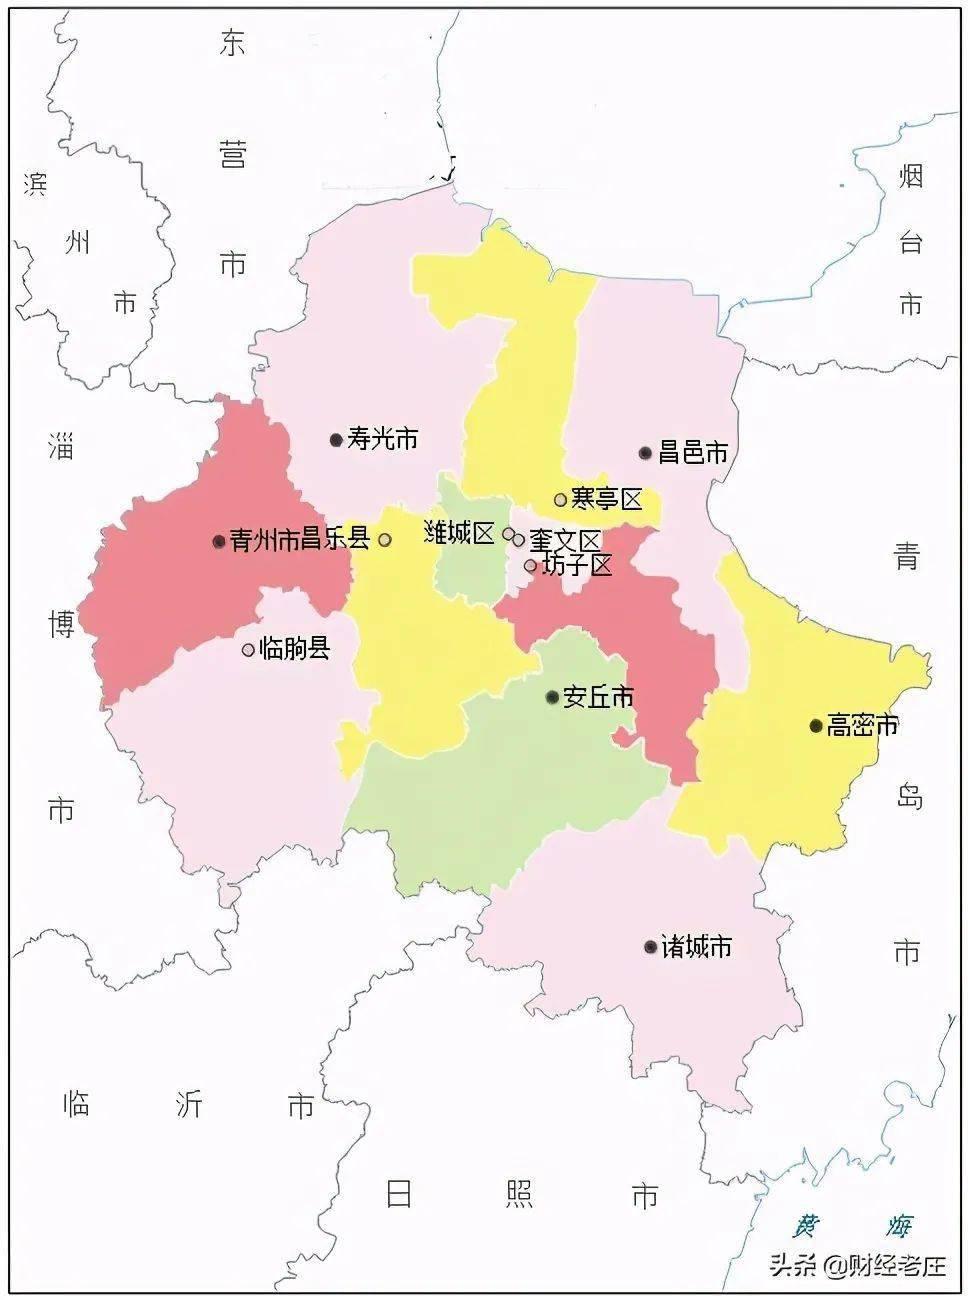 2020潍坊经济总量_潍坊经济开发区规划图